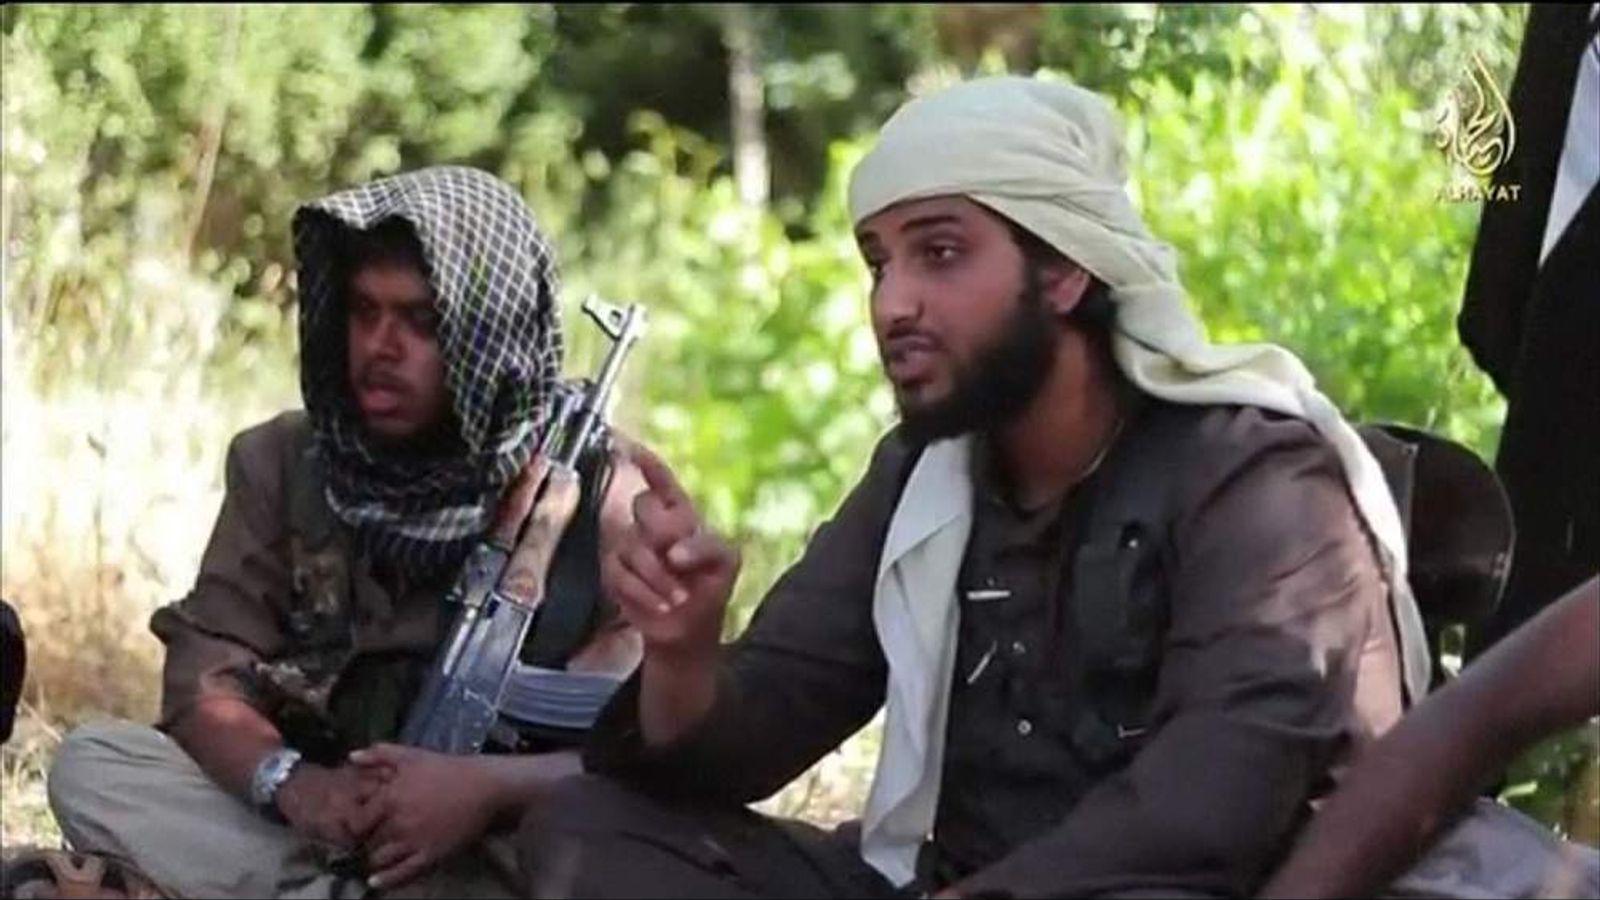 'British jihadists' video.